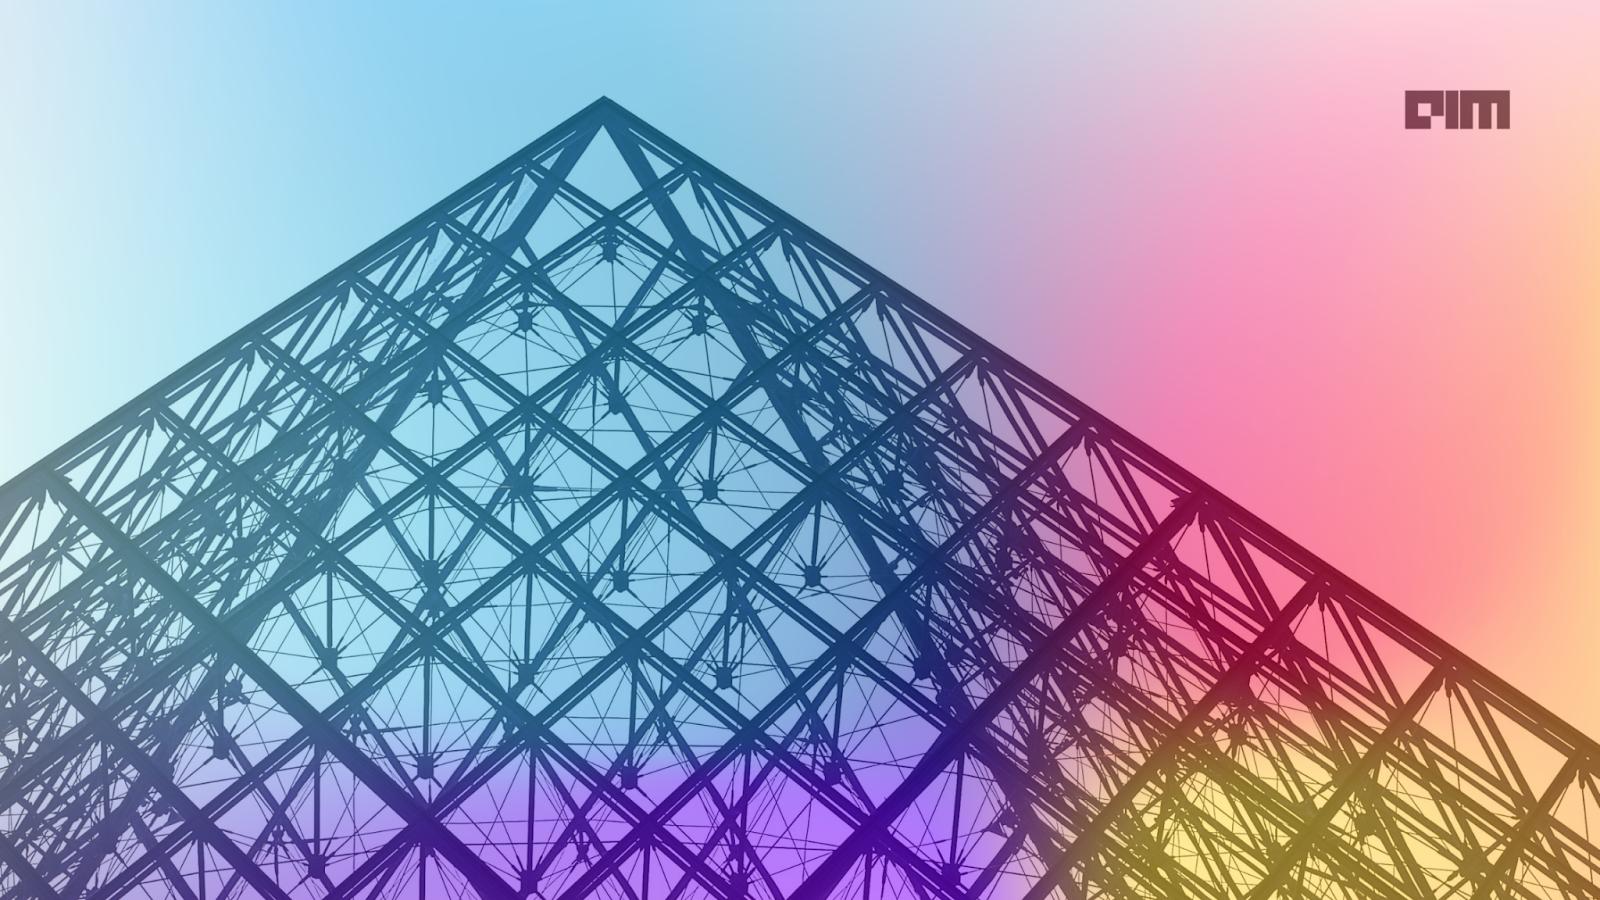 Guide to PyMAF: Pyramidal Mesh Alignment Feedback